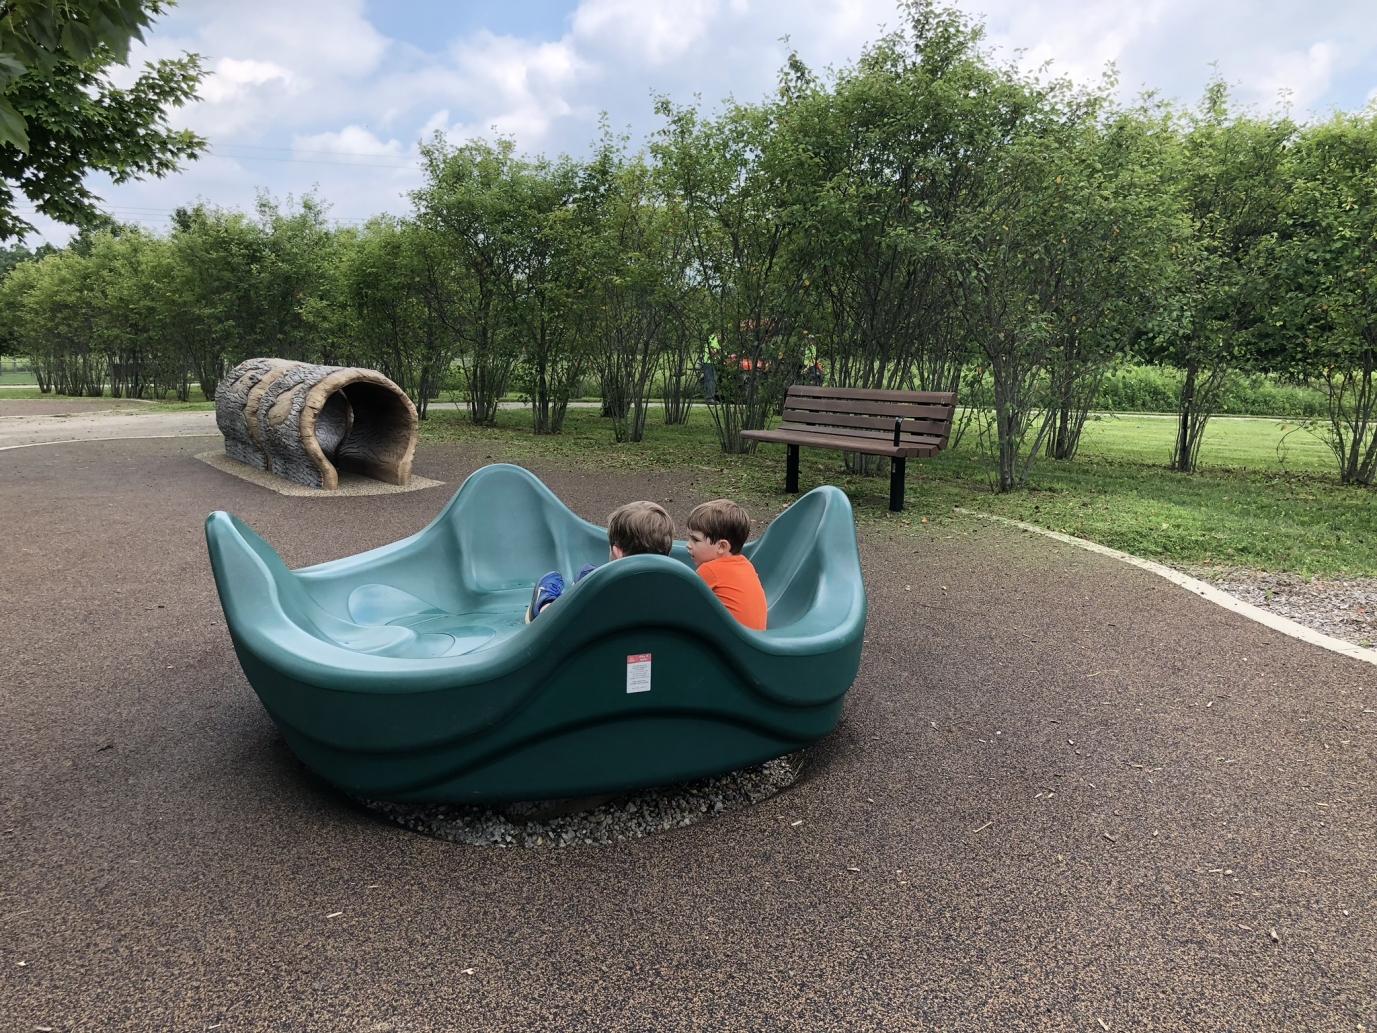 merry go round at walnut woods metro park playground